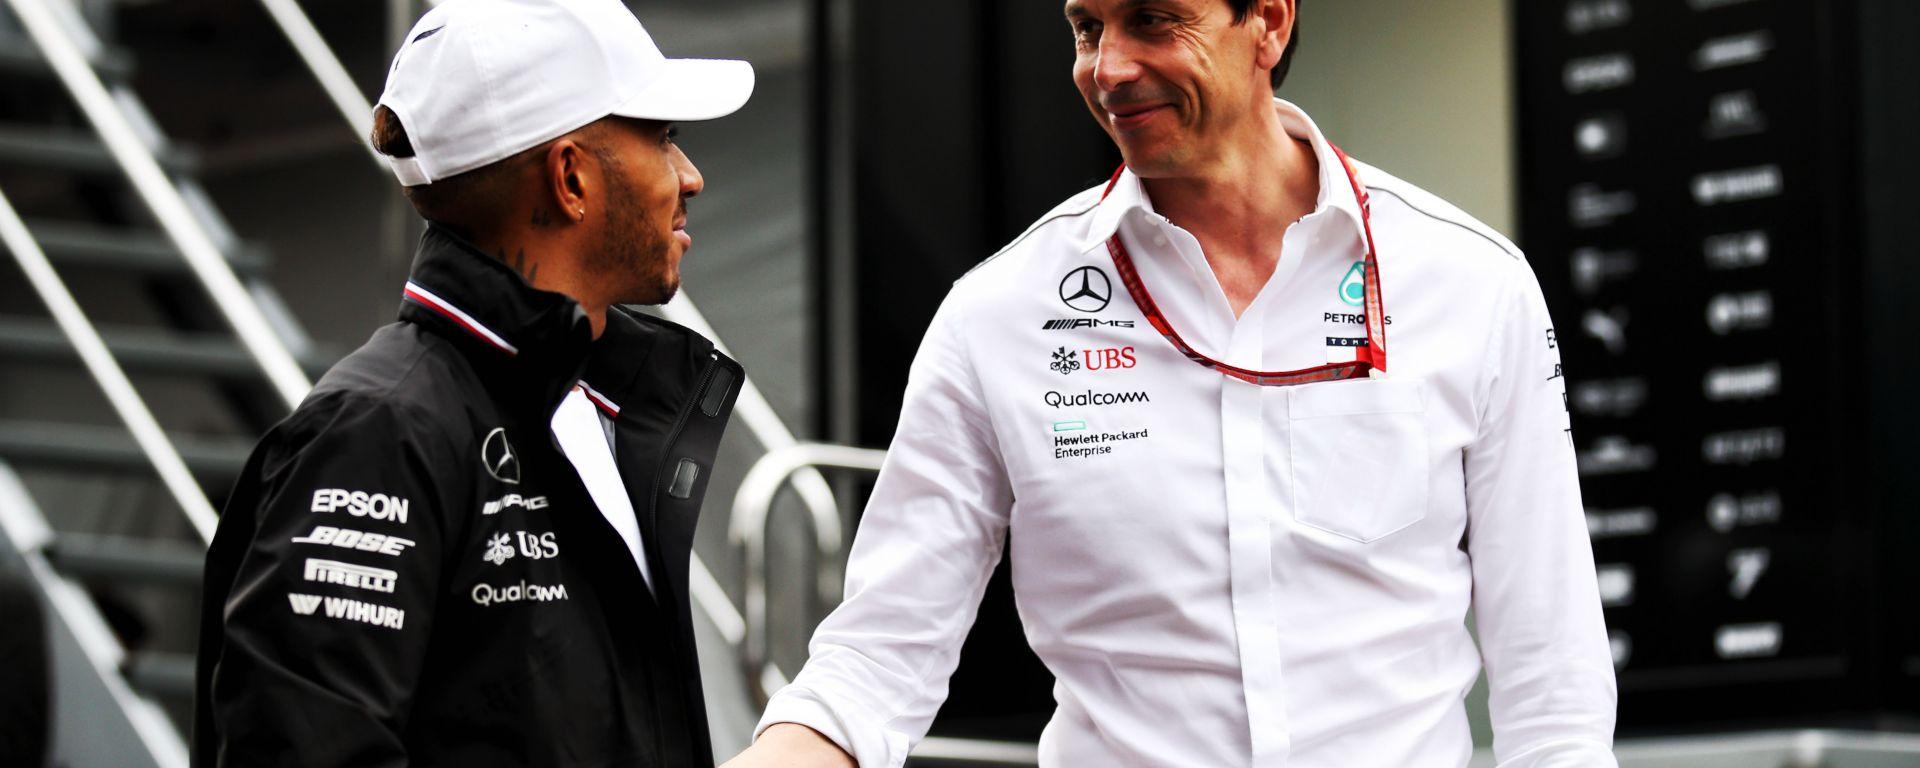 F1, GP Austria 2018: Lewis Hamilton e Toto Wolff (Mercedes)